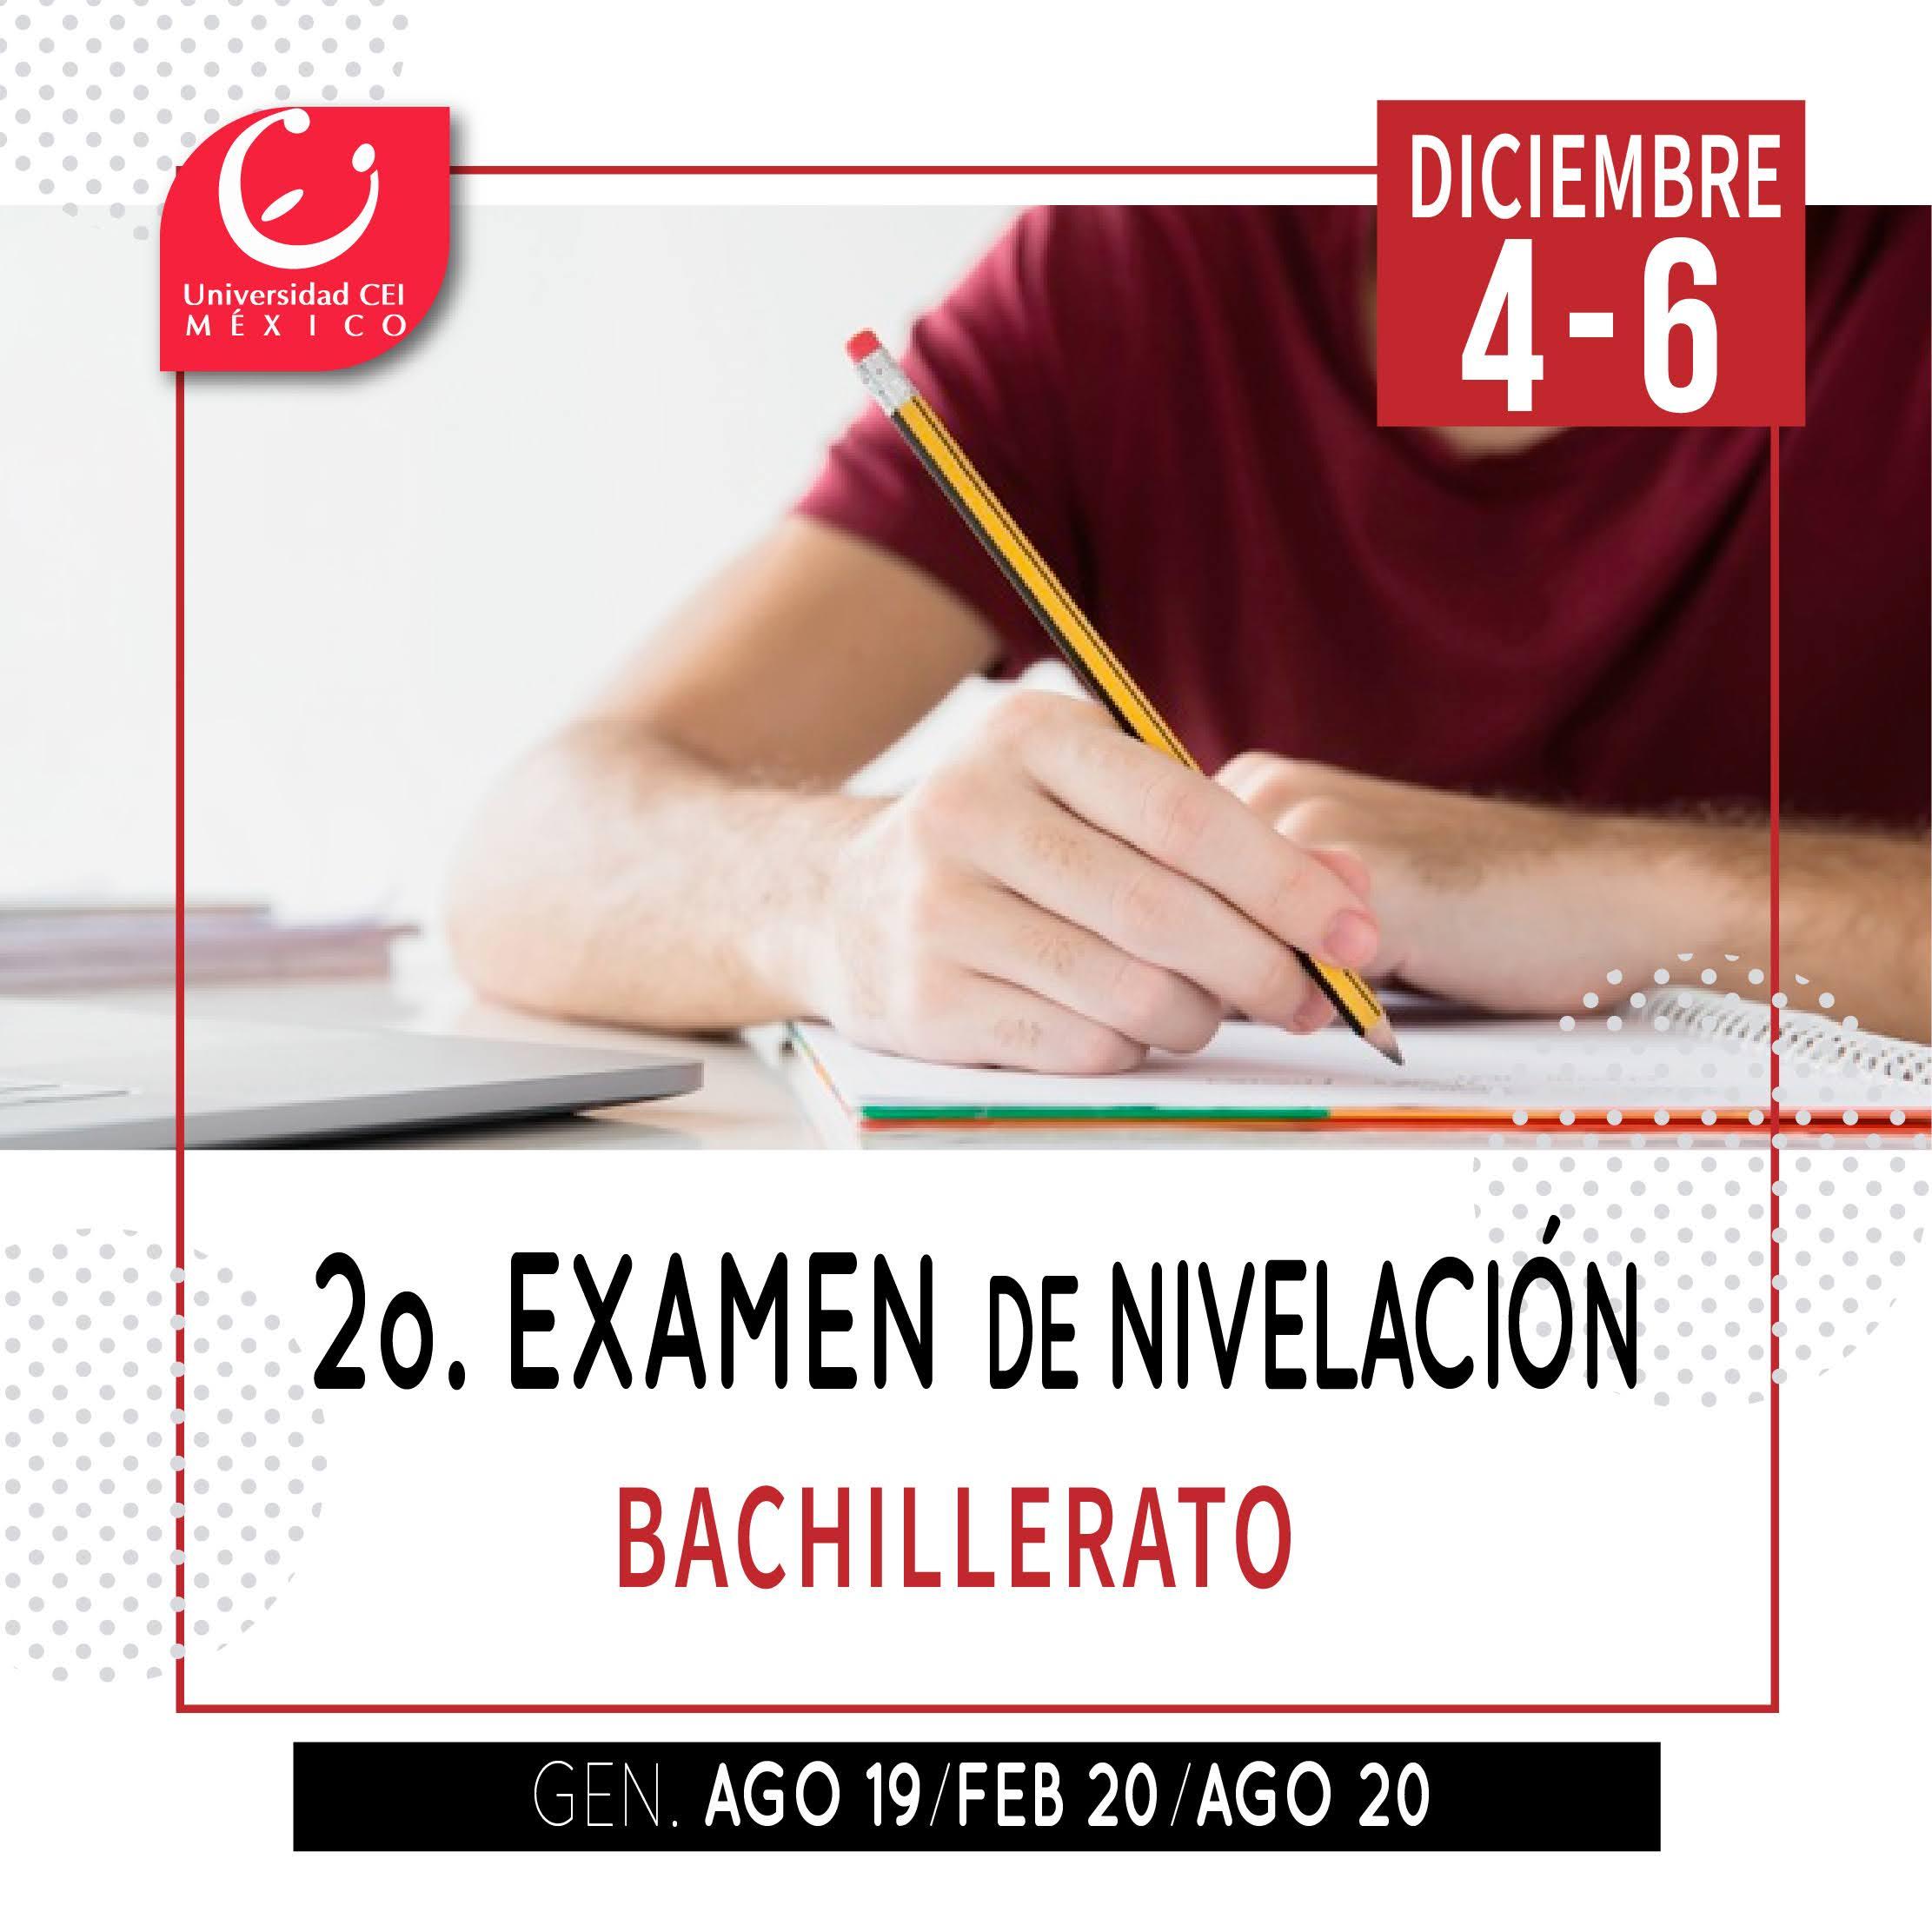 segundo examen de nivelación bachillerato cei (diciembre)